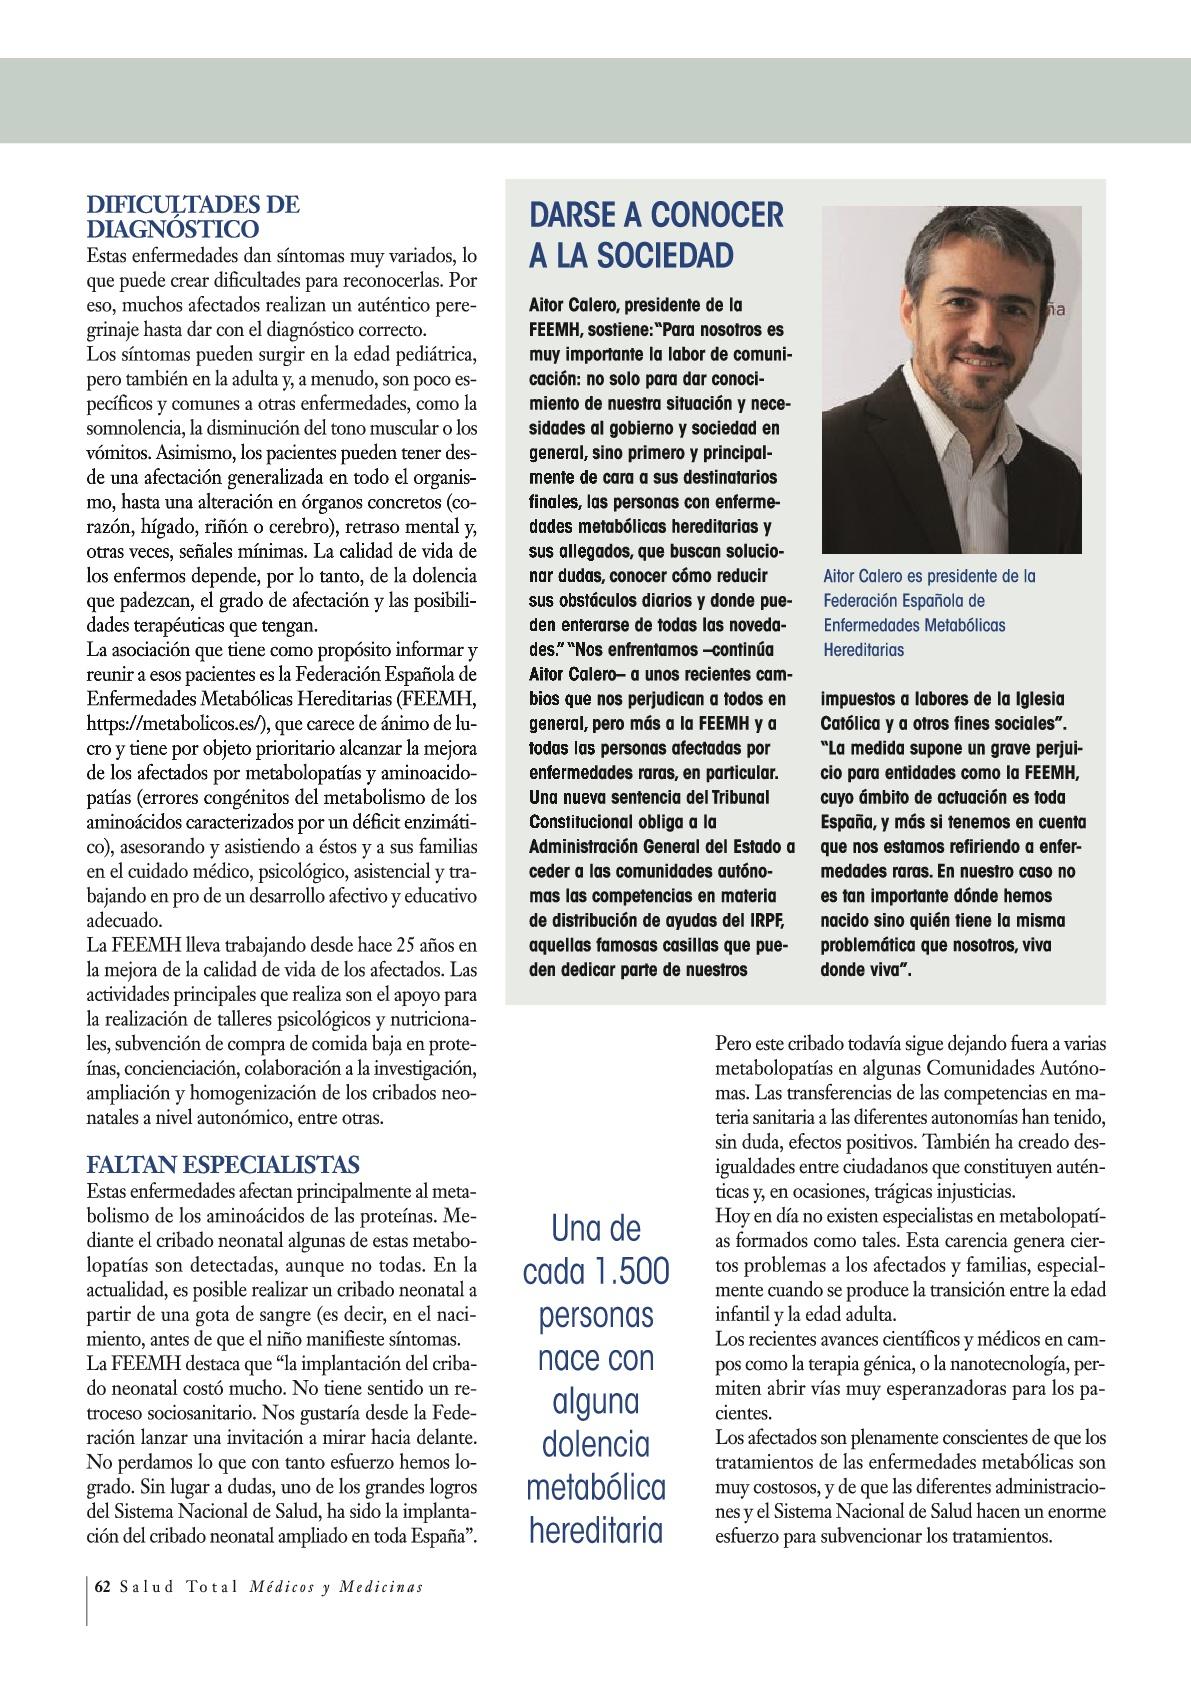 Reportaje sobre enfermedades metabólicas Hereditarias en Salud Total 2